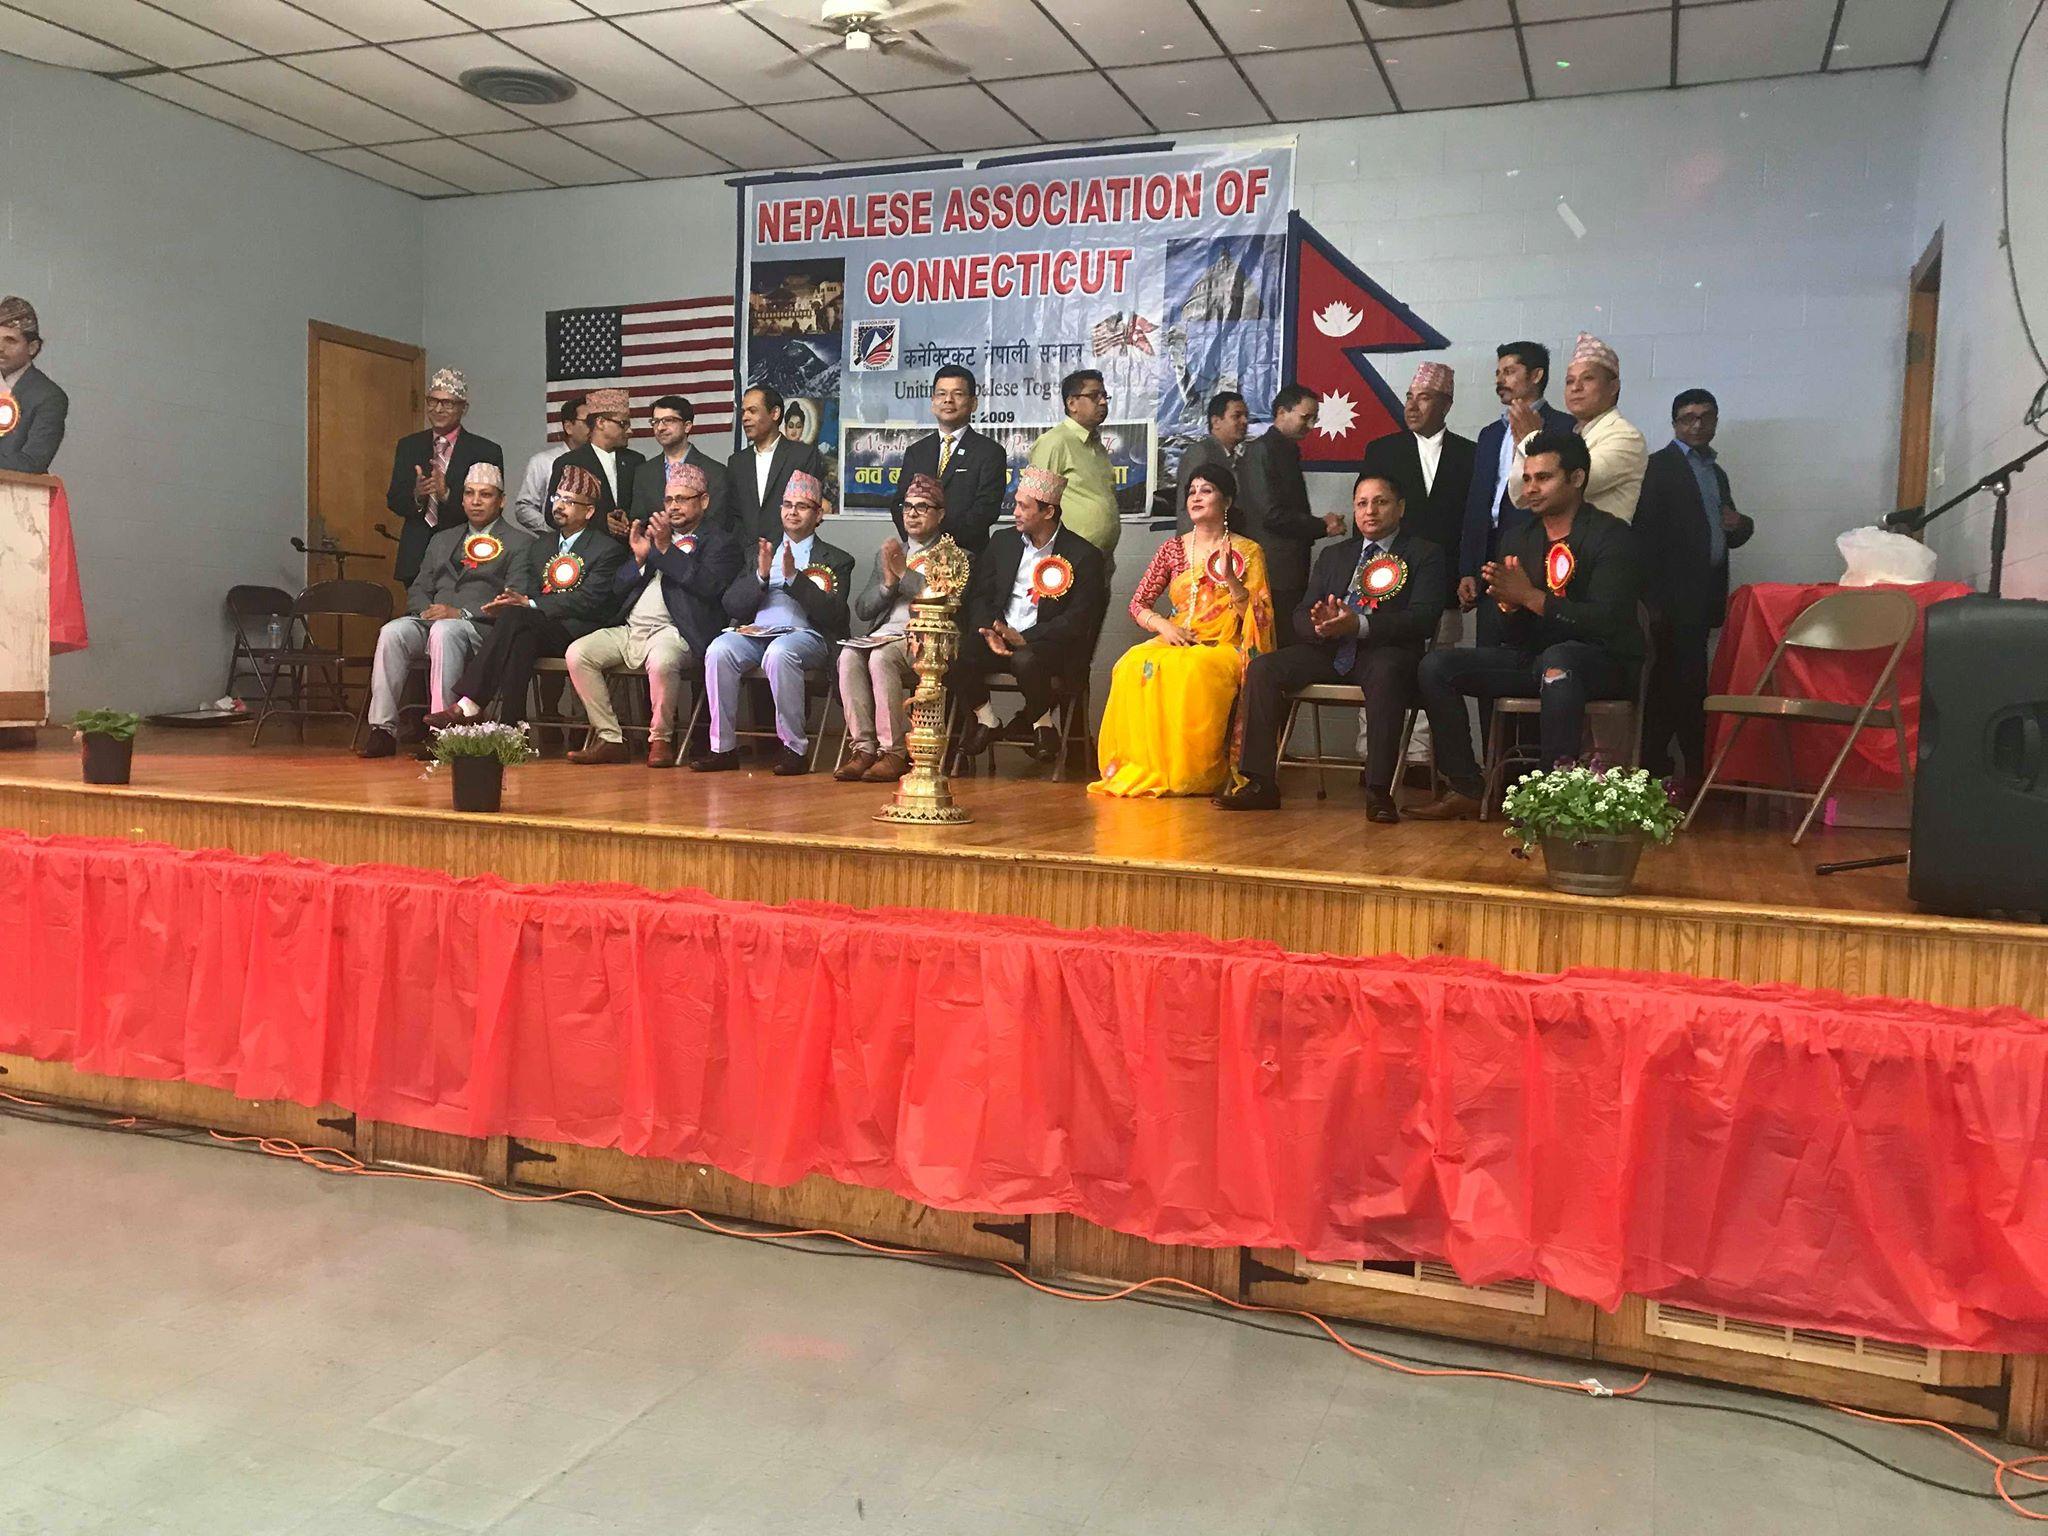 नेपाली समाज कनेटिकेटको नयाँ बर्ष २०७६ को शुभकामना साँझ सम्पन्न